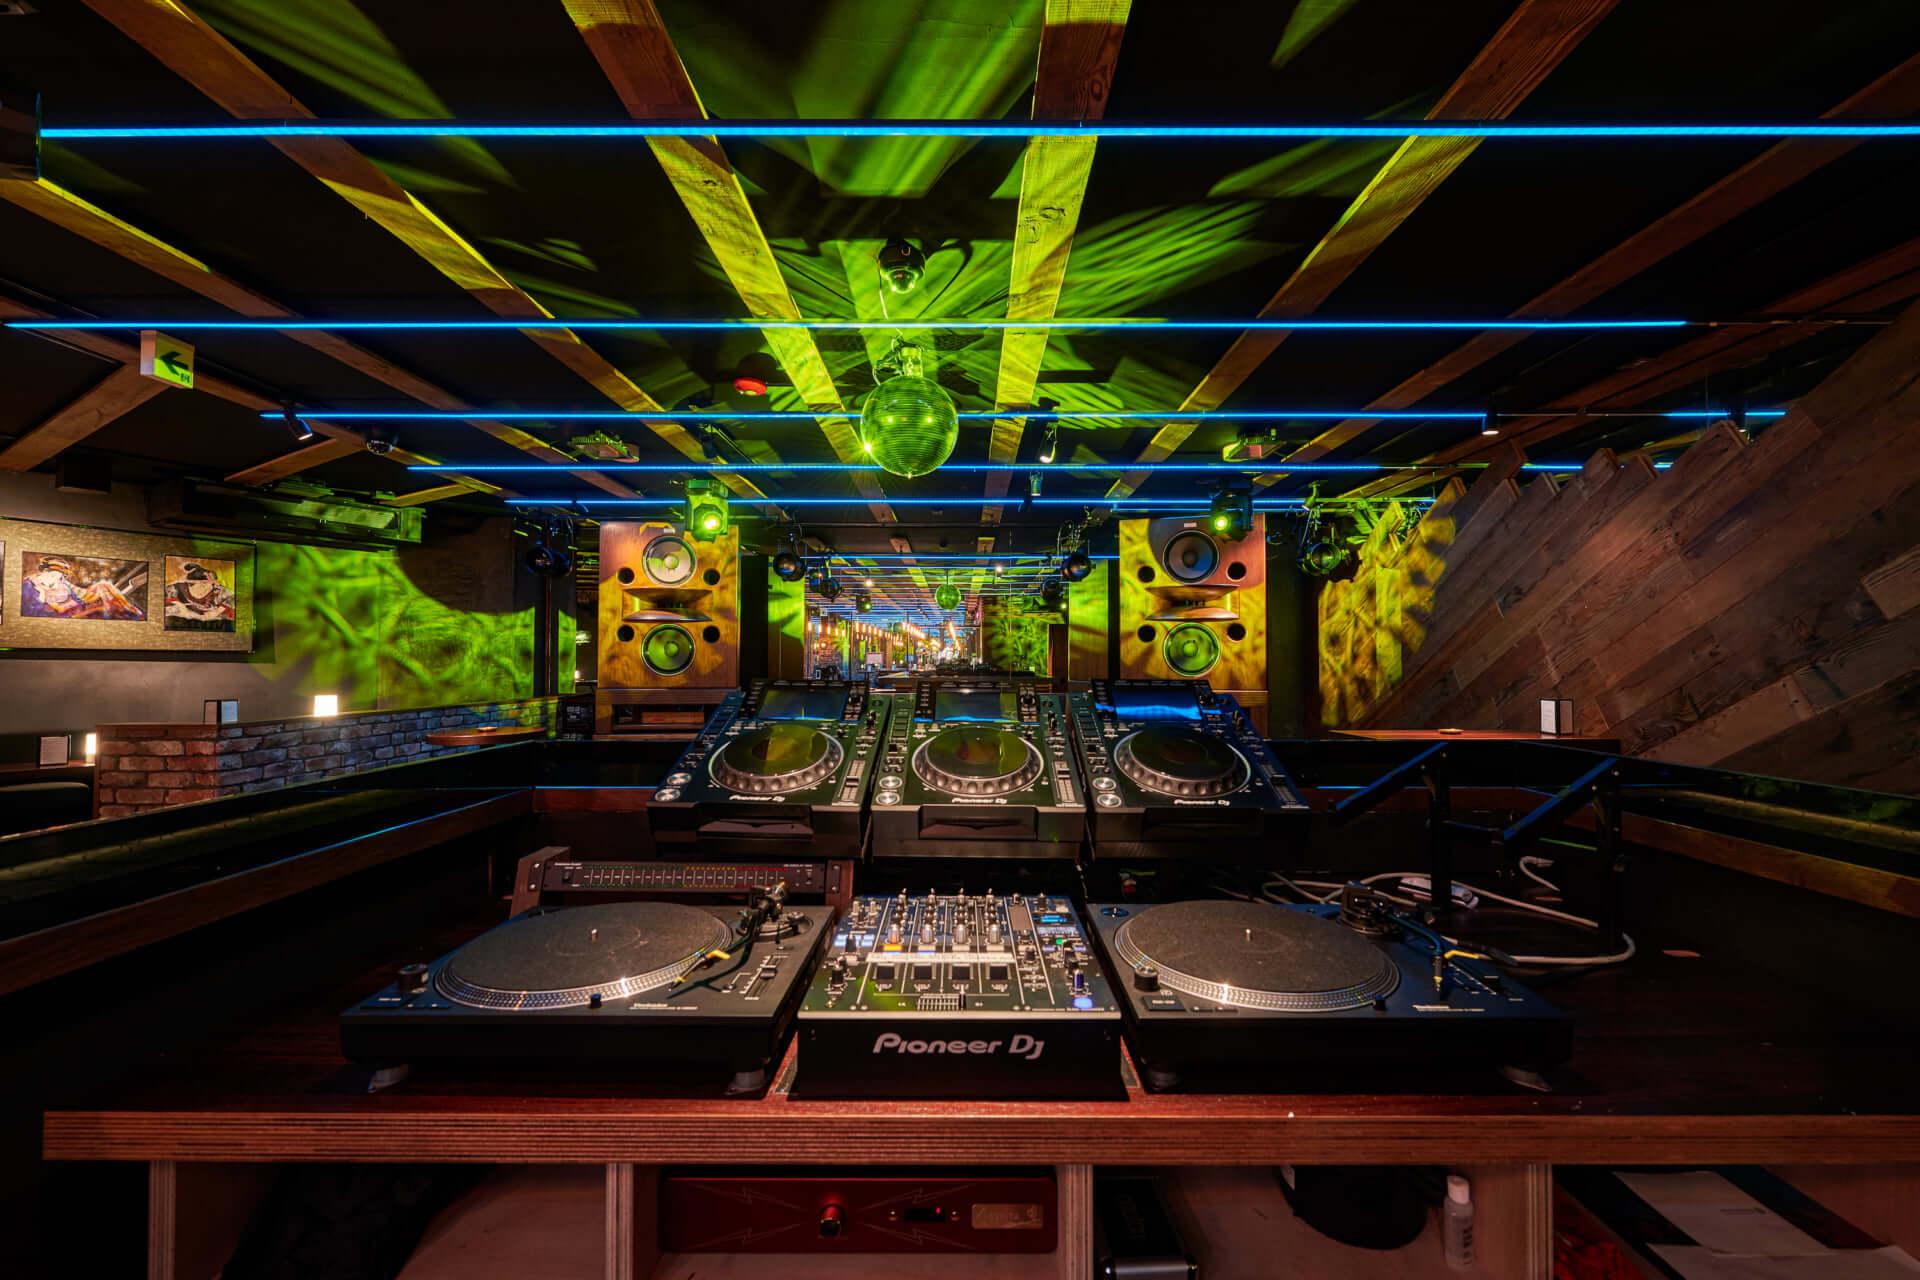 渋谷を中心にVISIONやContactなどのクラブやバーを経営する村田大造がプロデュースした新店舗 DJ BAR HEARTに迫る 200107_muratadaizo_04-1920x1280